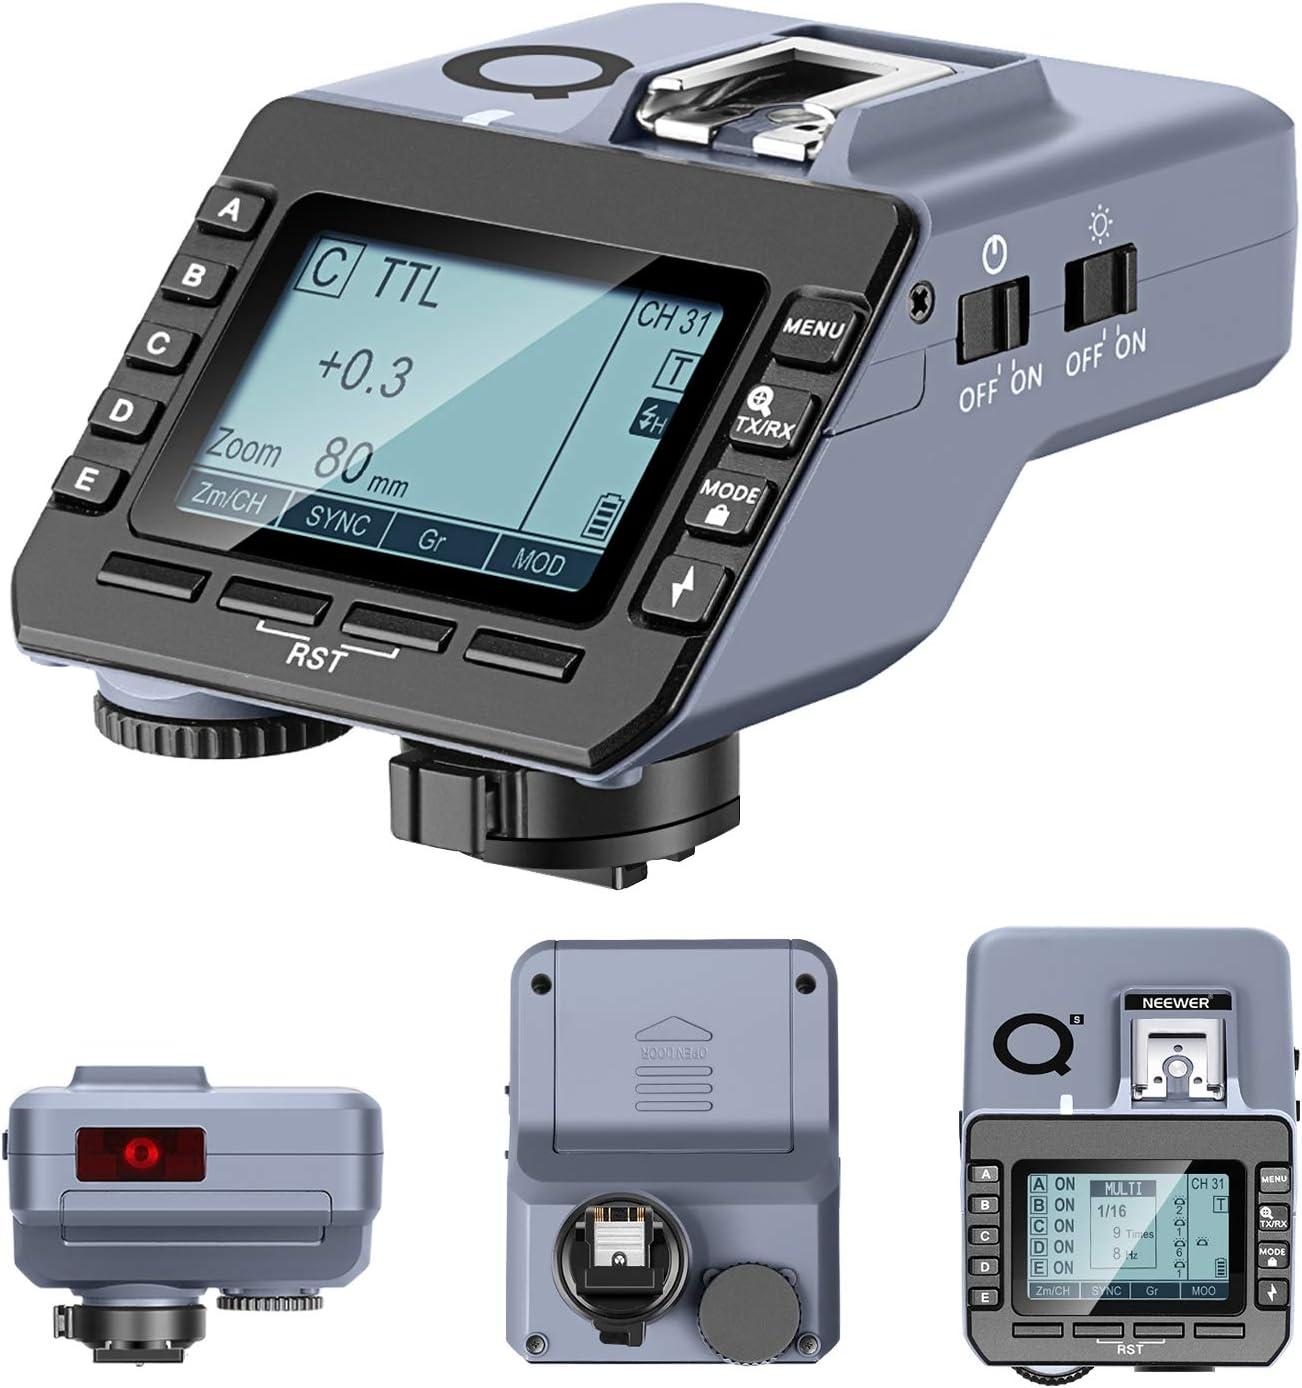 Neewer Q S Ttl Funkblitzauslöser Kompatibel Mit Der Kamera